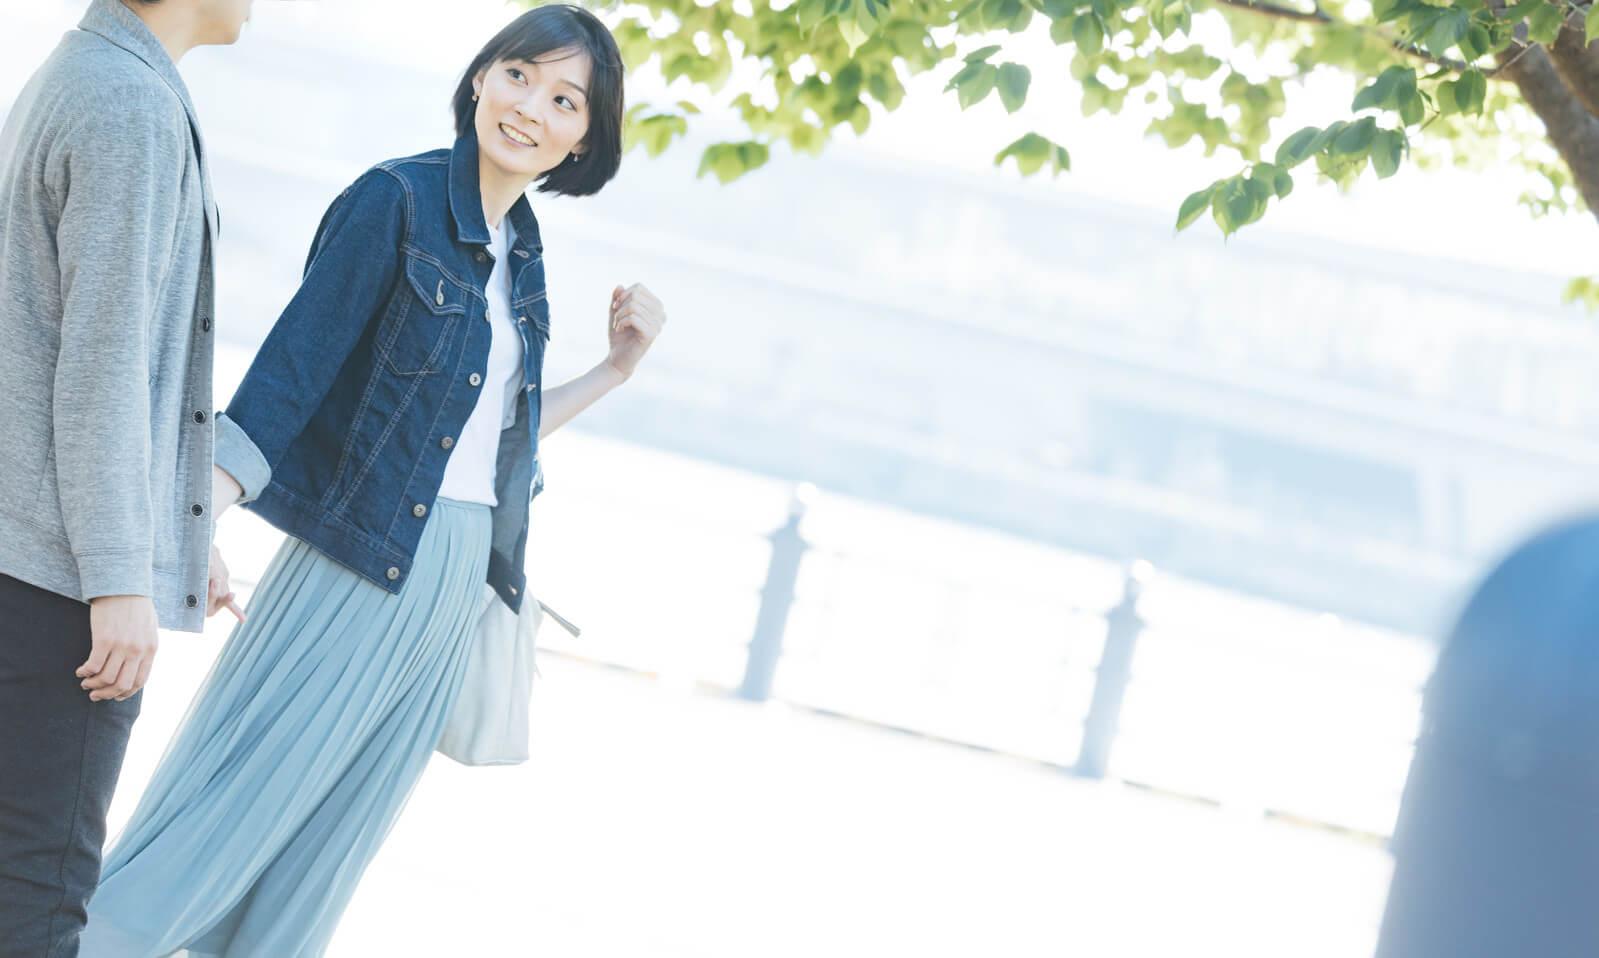 熊本県で別れさせ屋が行った工作事例集【別れさせ屋リスト付き】